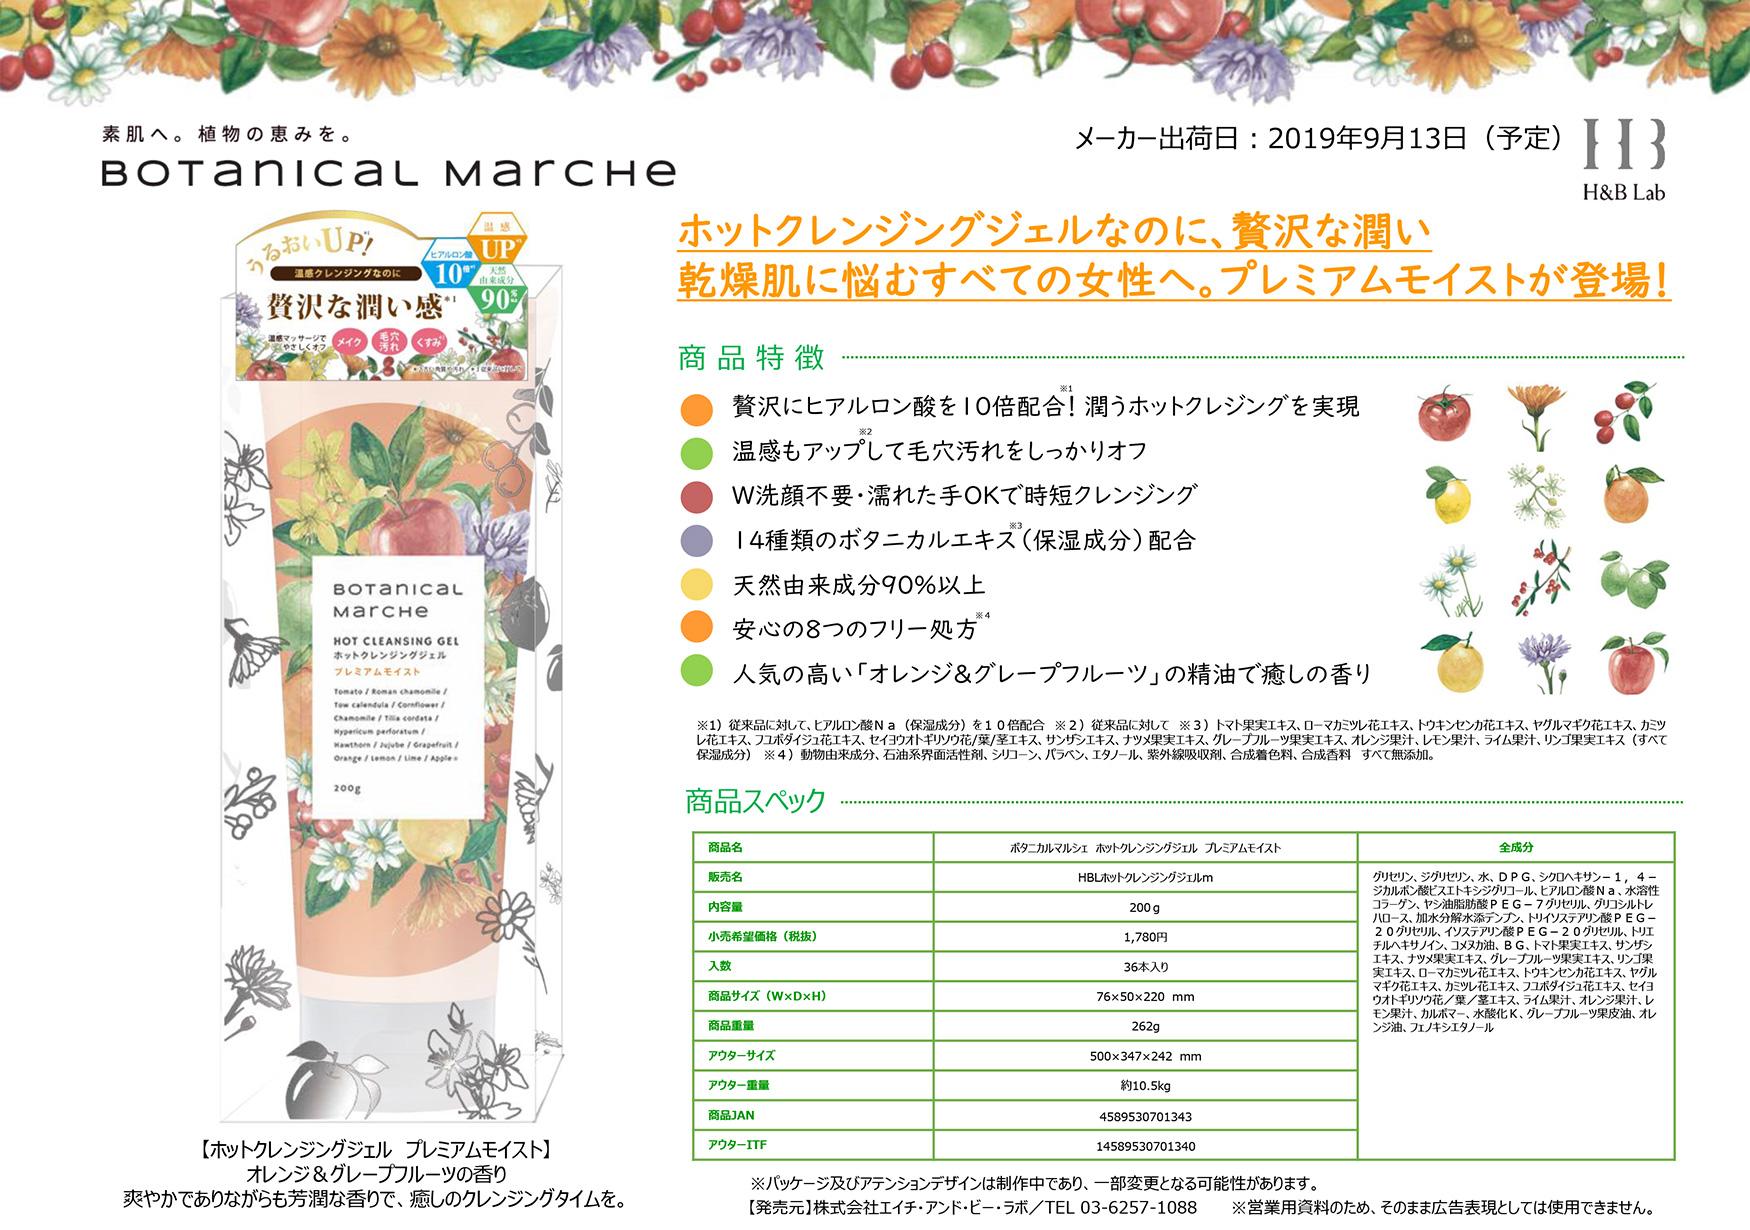 【規定書】ボタニカルマルシェ ホットクレンジングジェル プレミアムモイスト